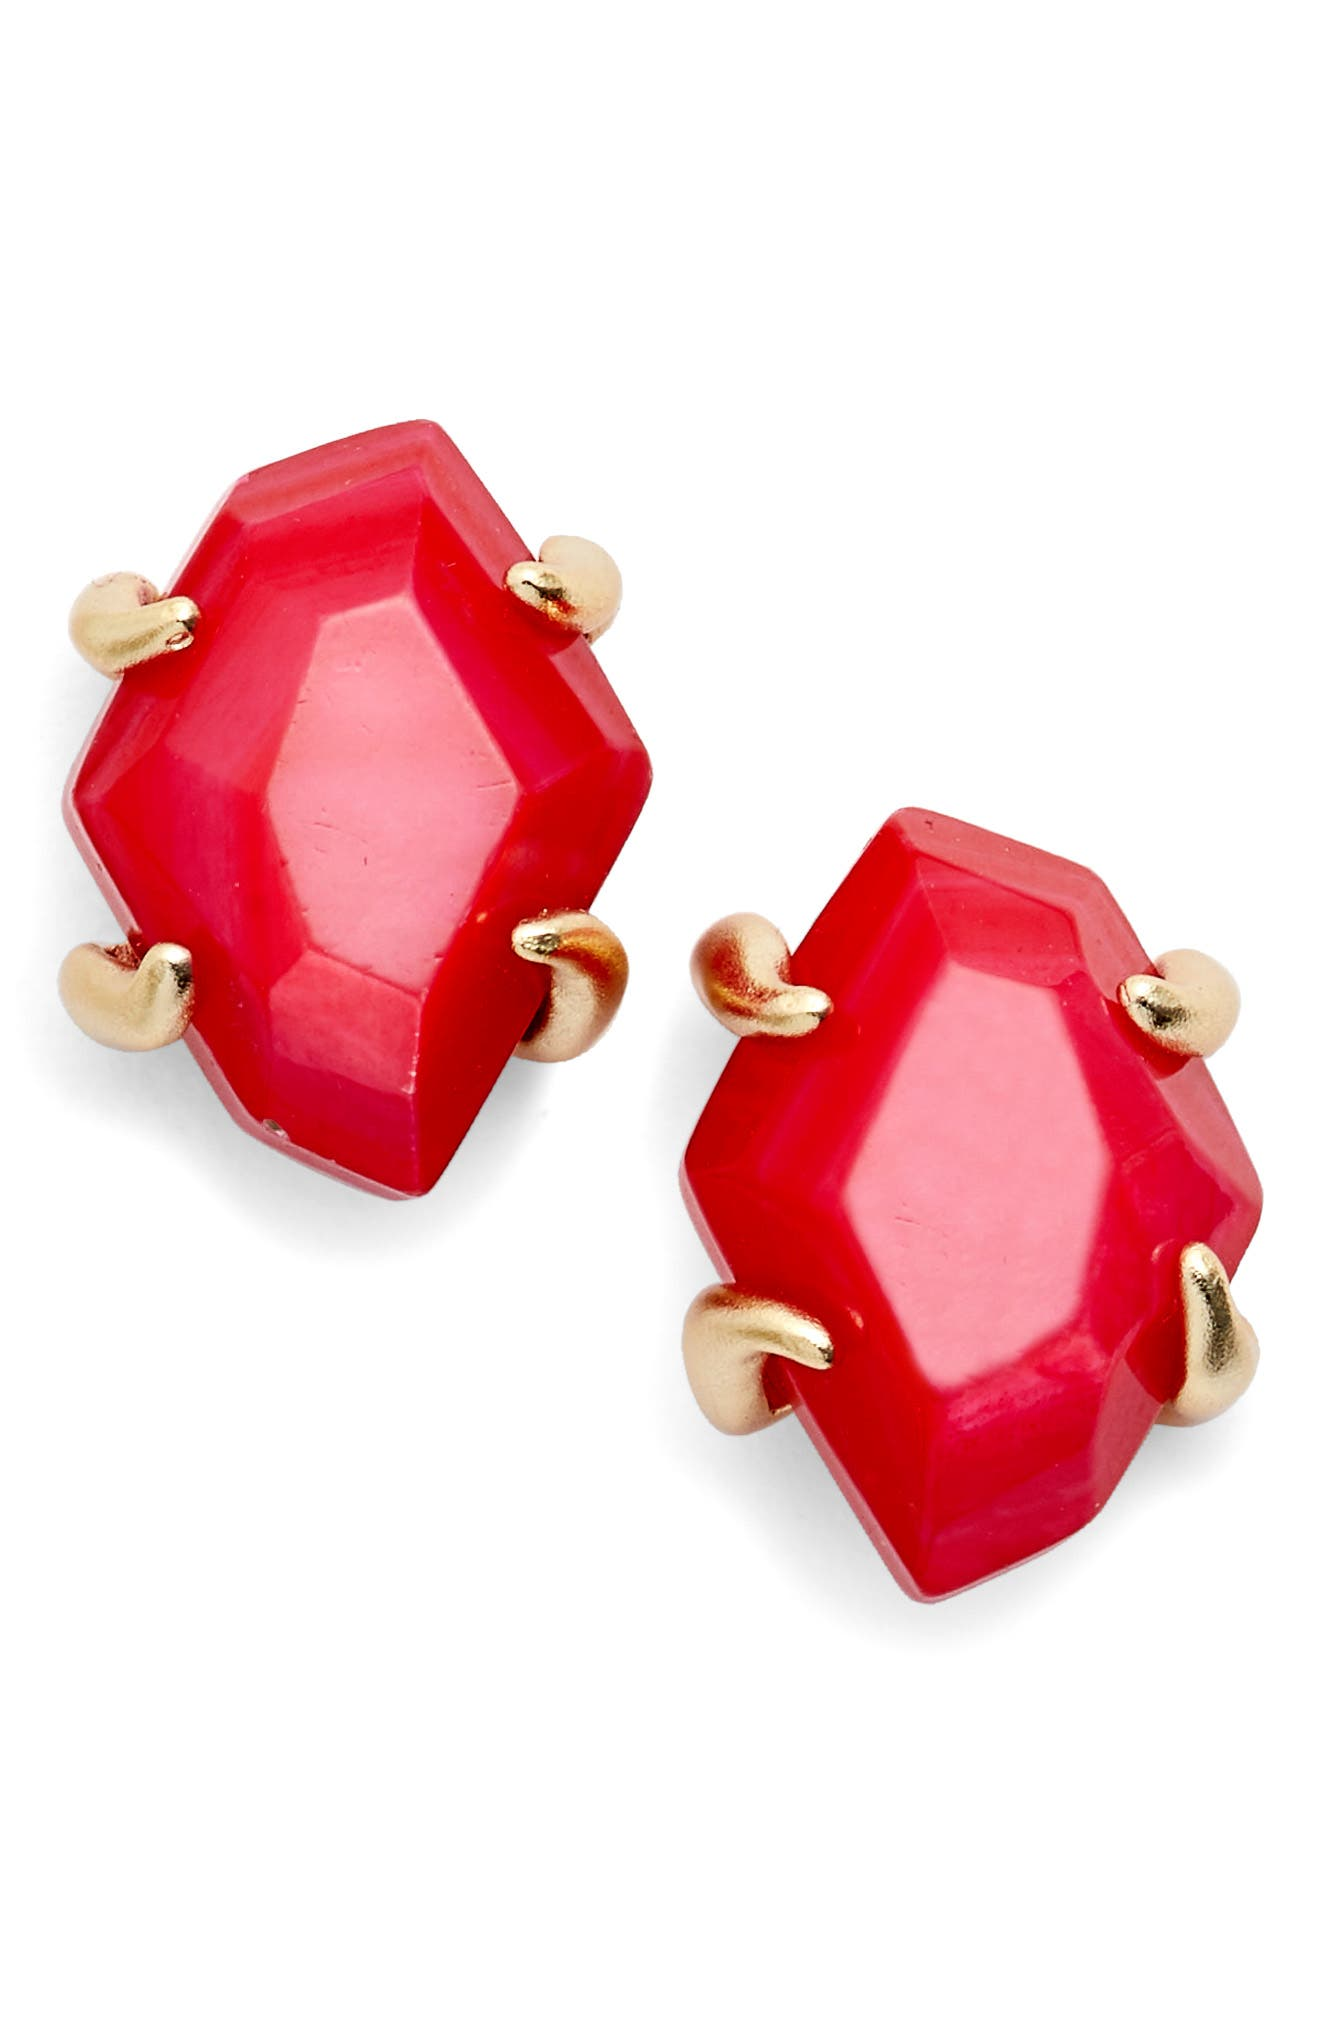 Kendra Scott Jewelry Nordstrom